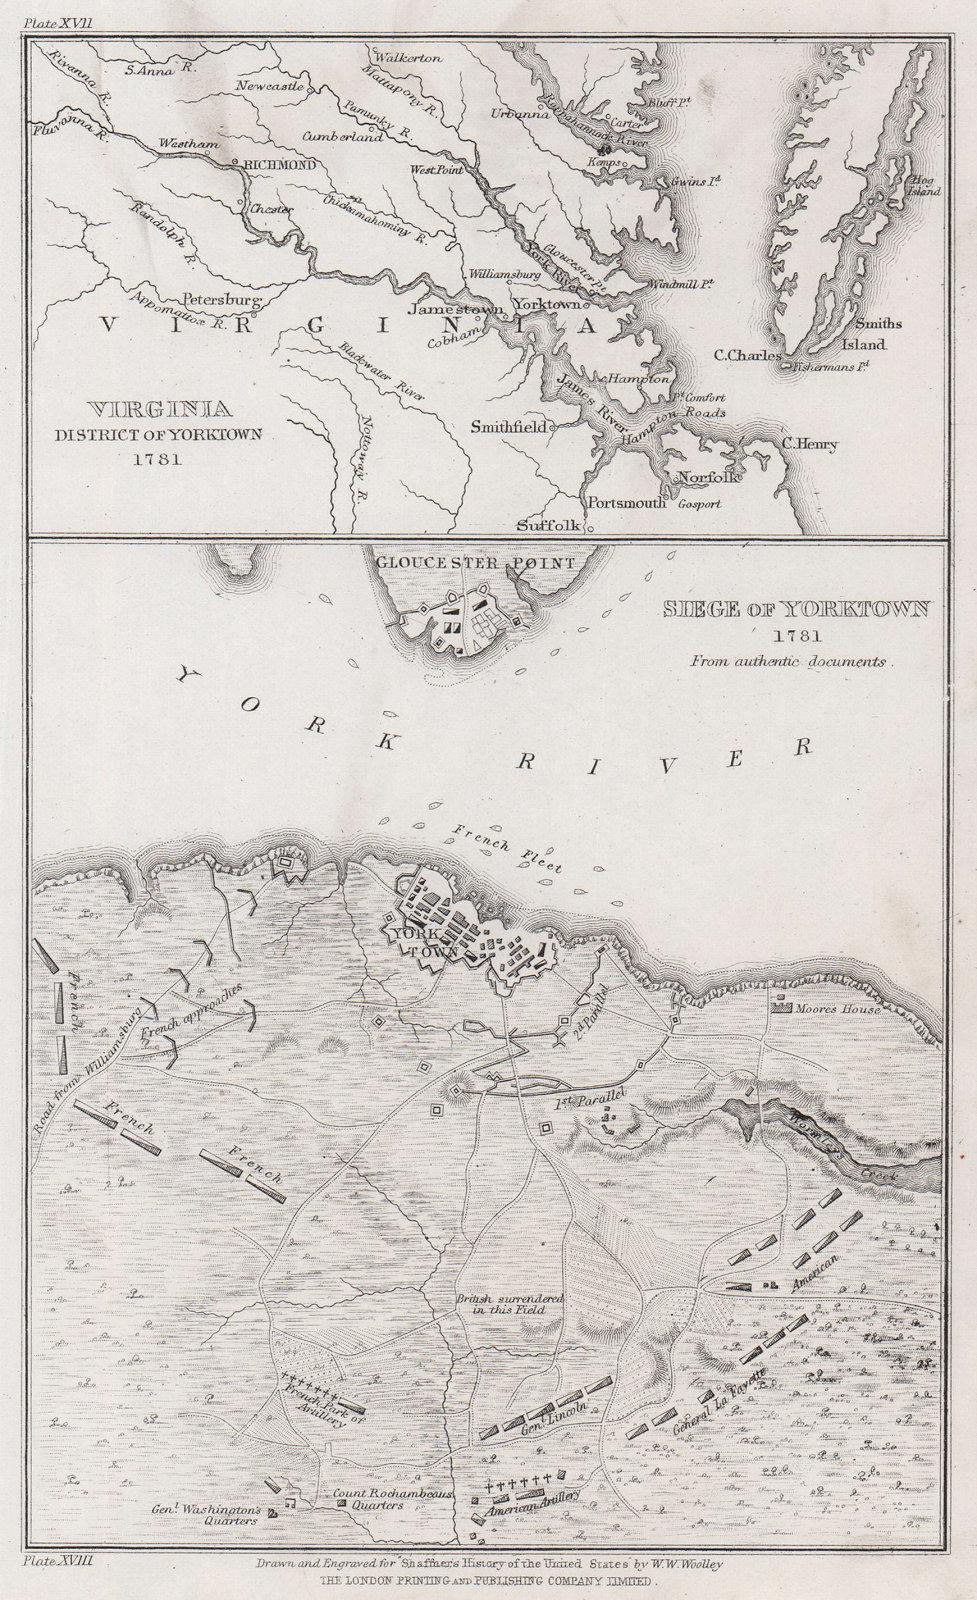 Siege of Yorktown 1781. Virginia environs of Yorktown. WOOLLEY 1863 old map